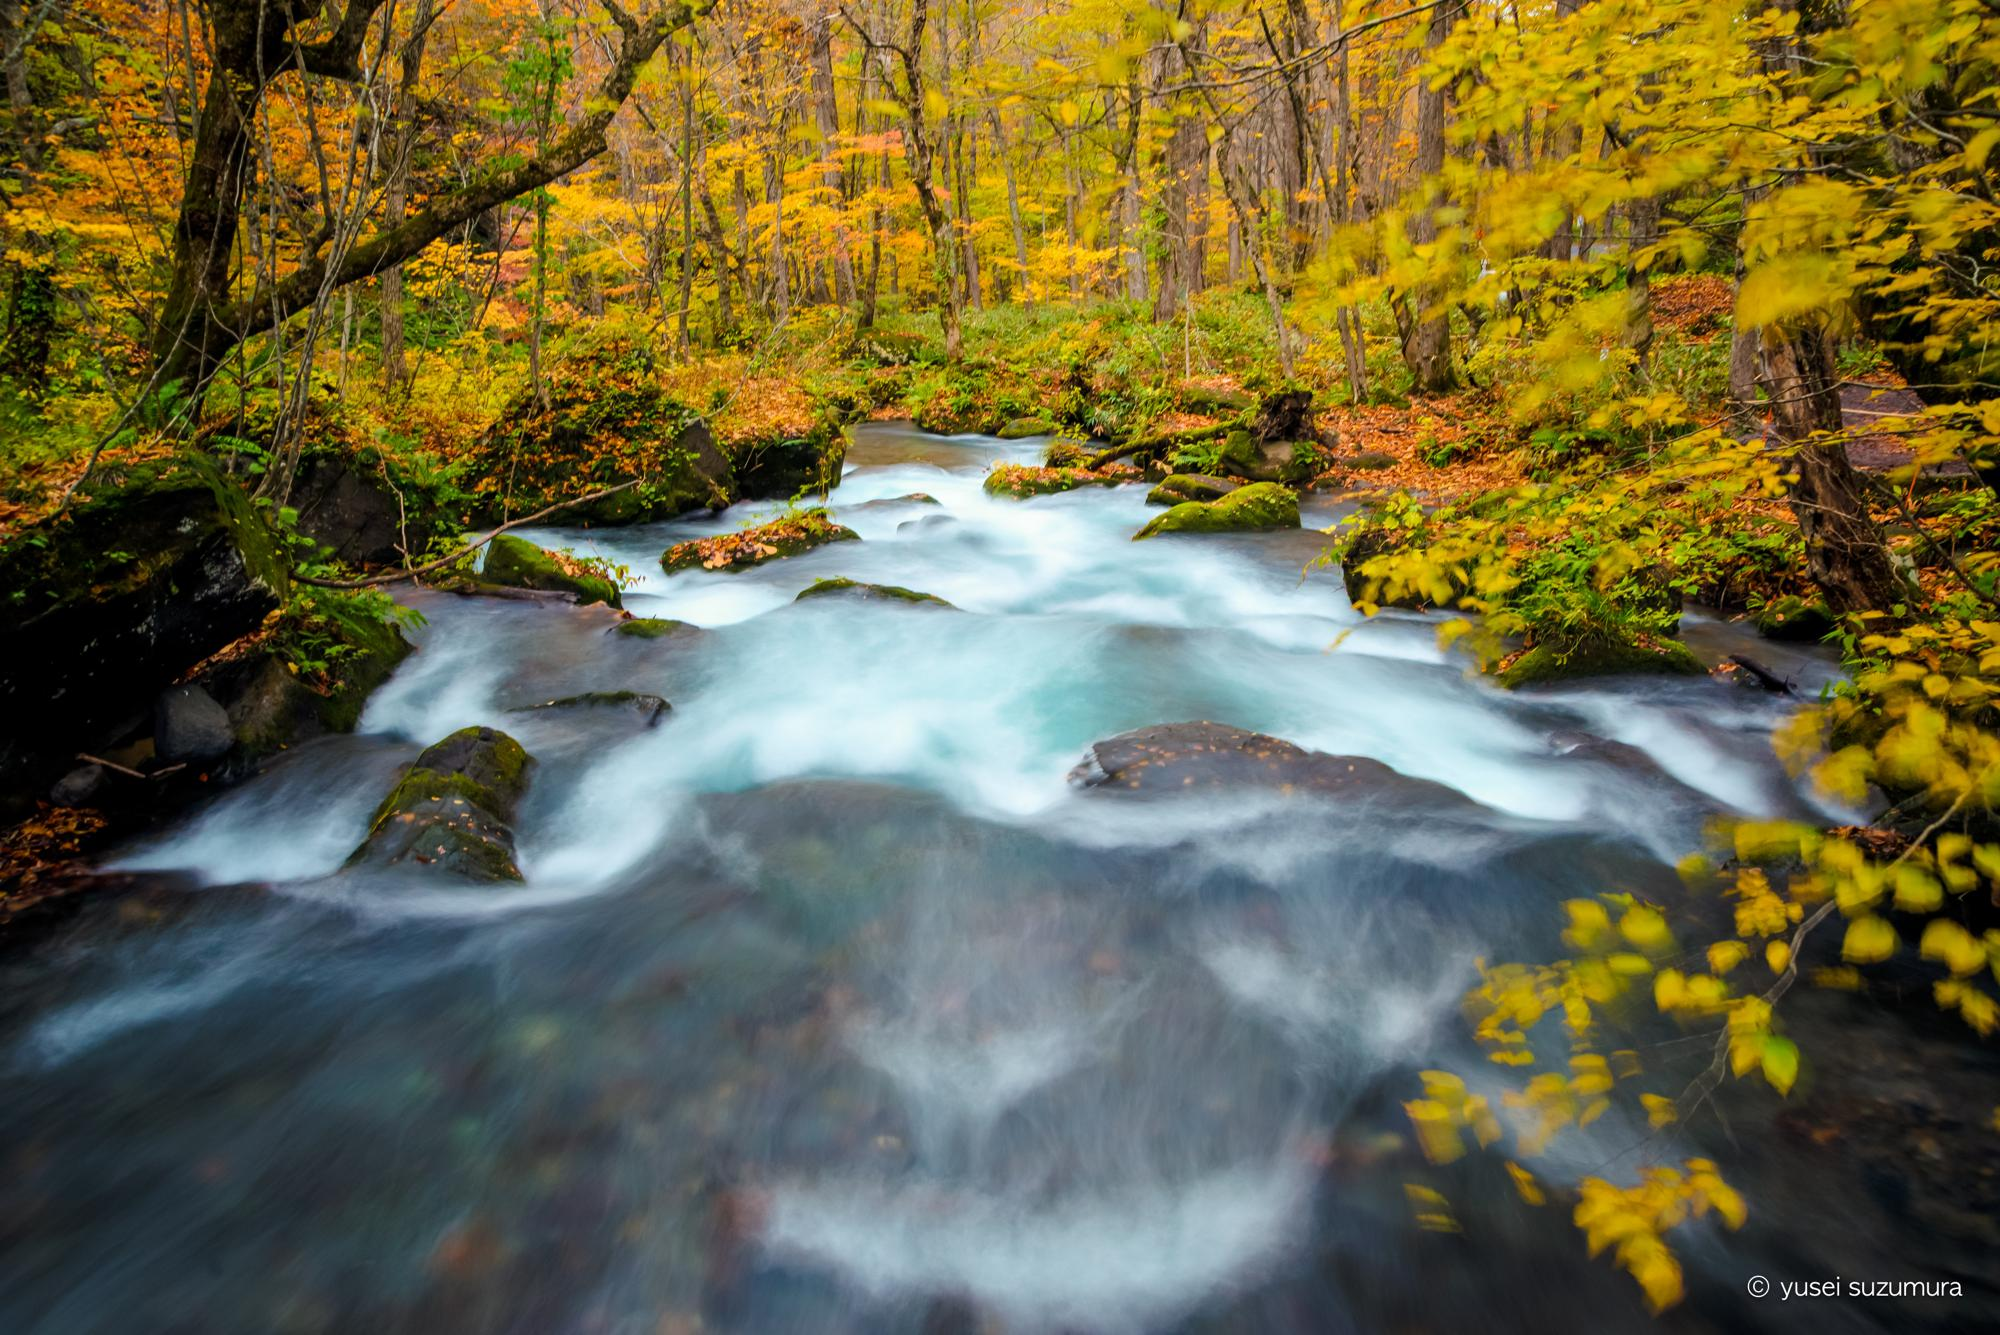 抱返り渓谷と秘湯と奥入瀬海流の紅葉